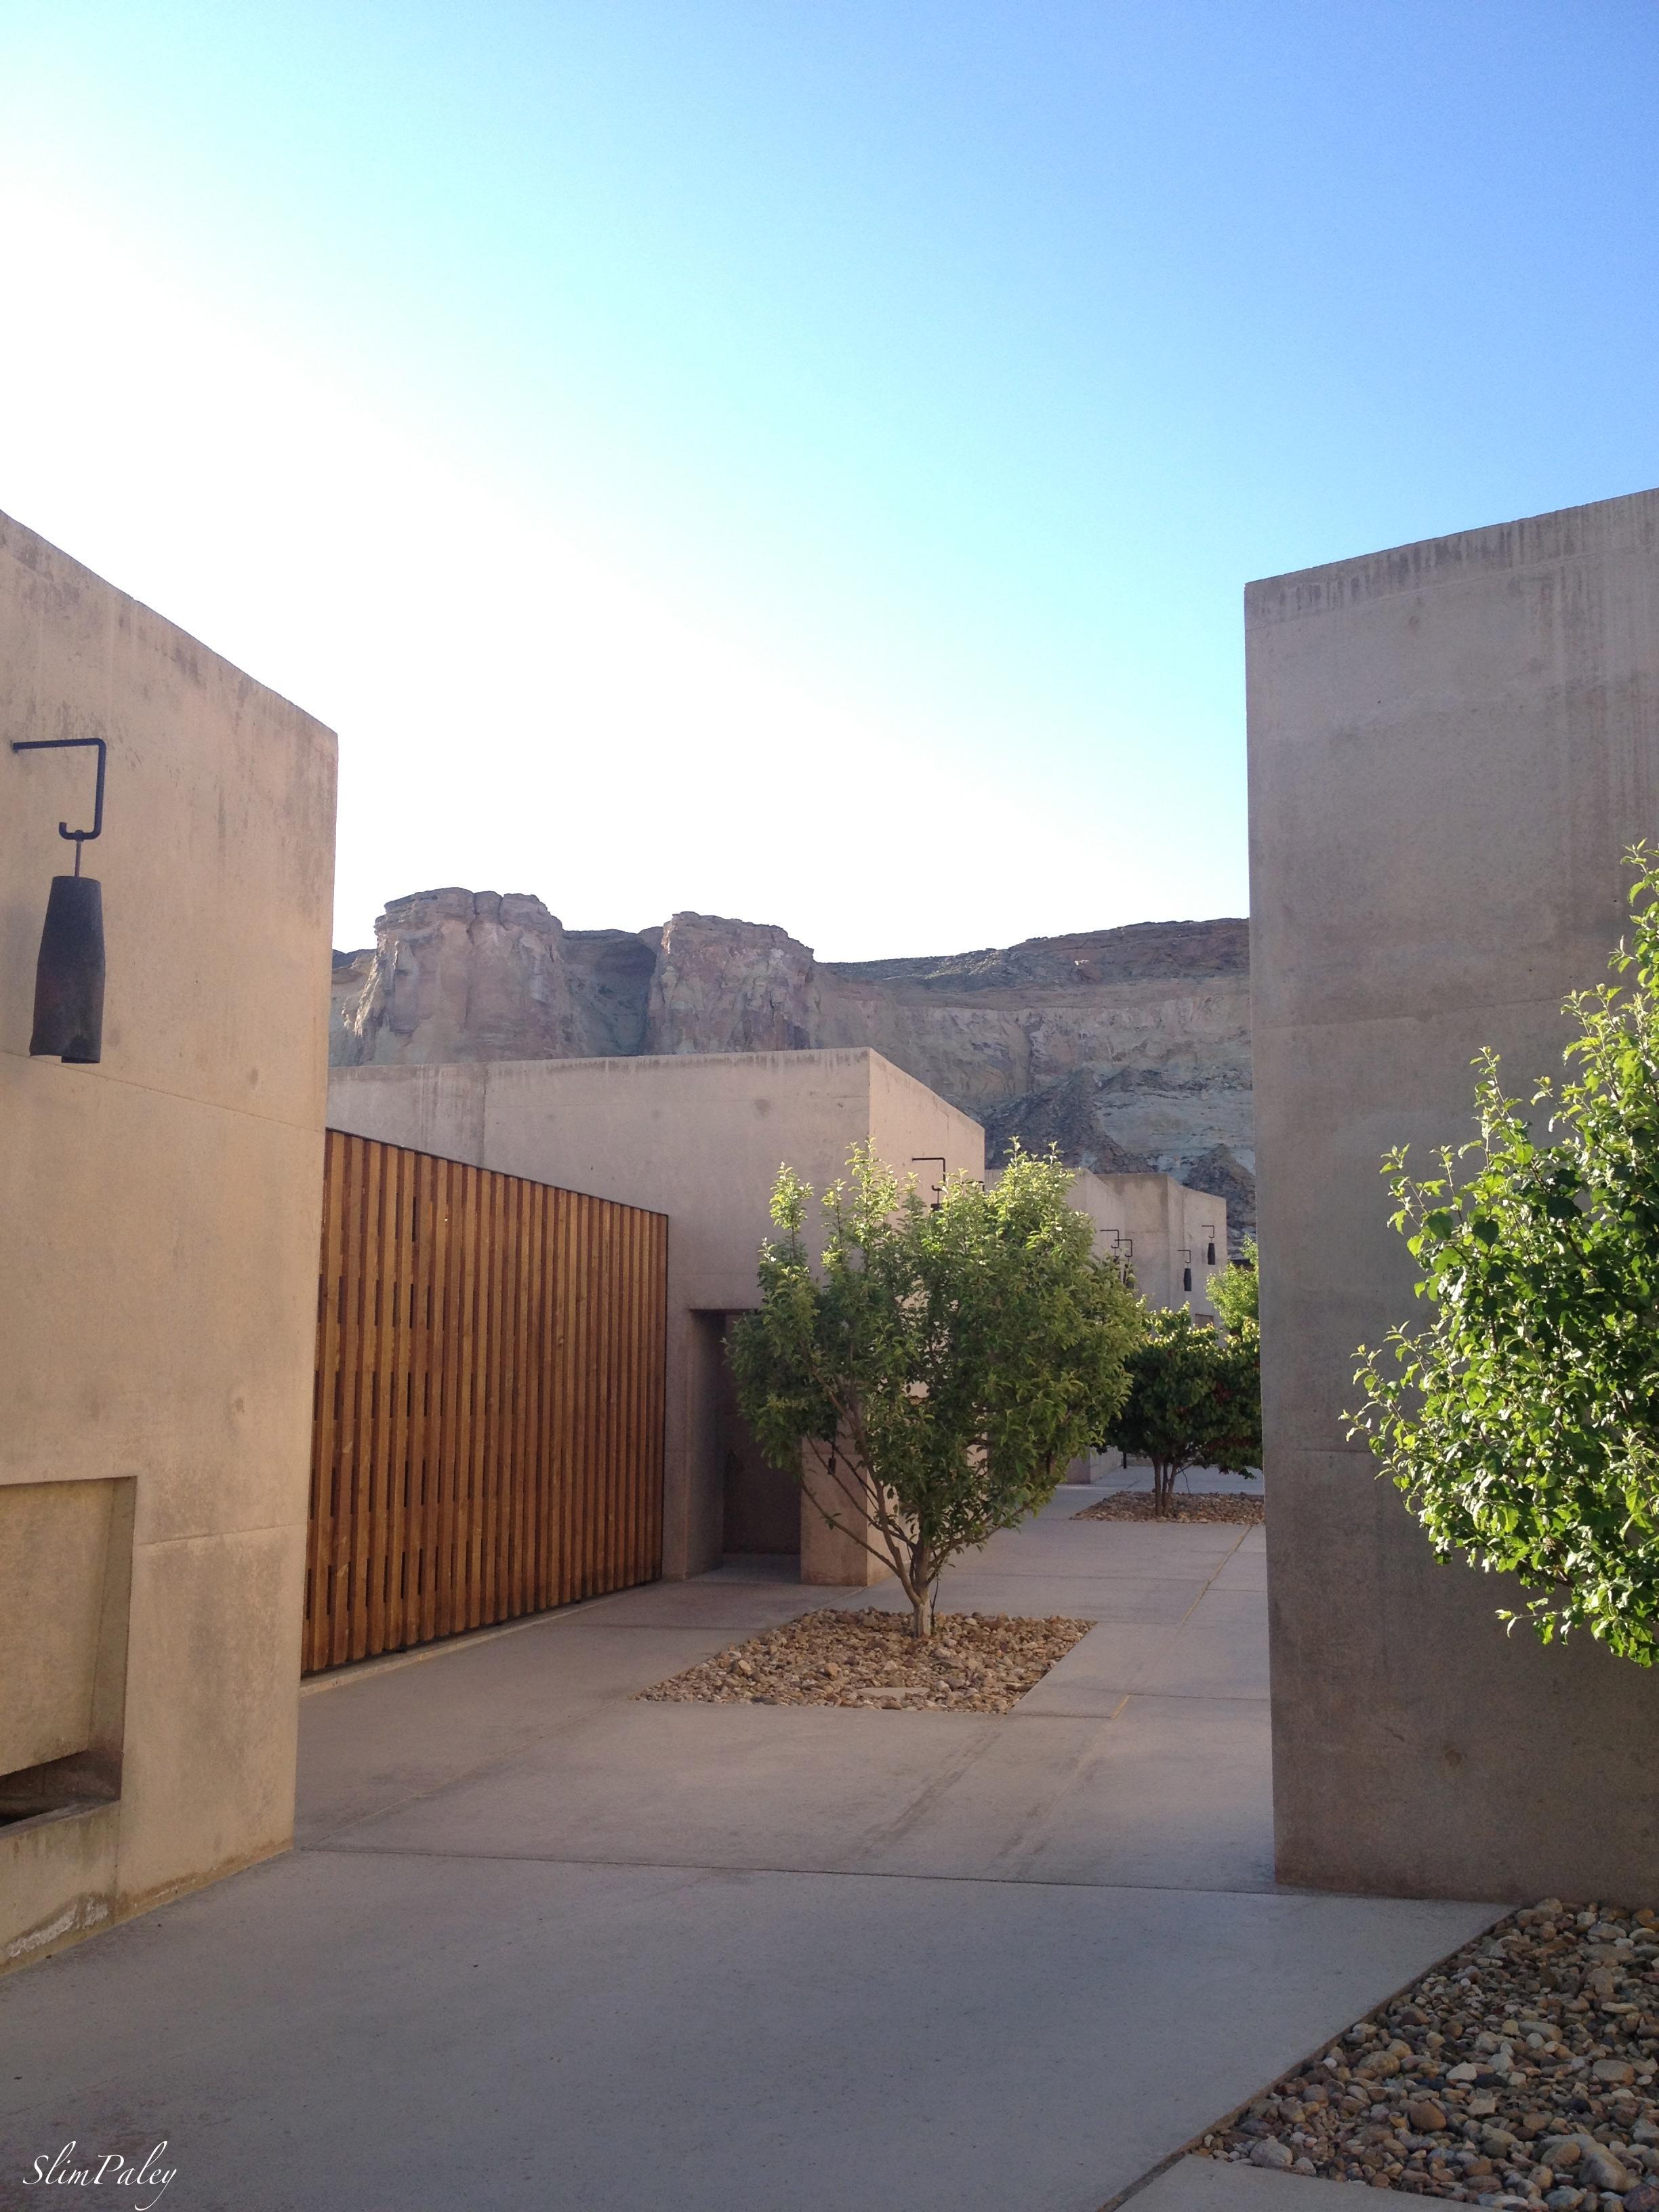 U.S. desert